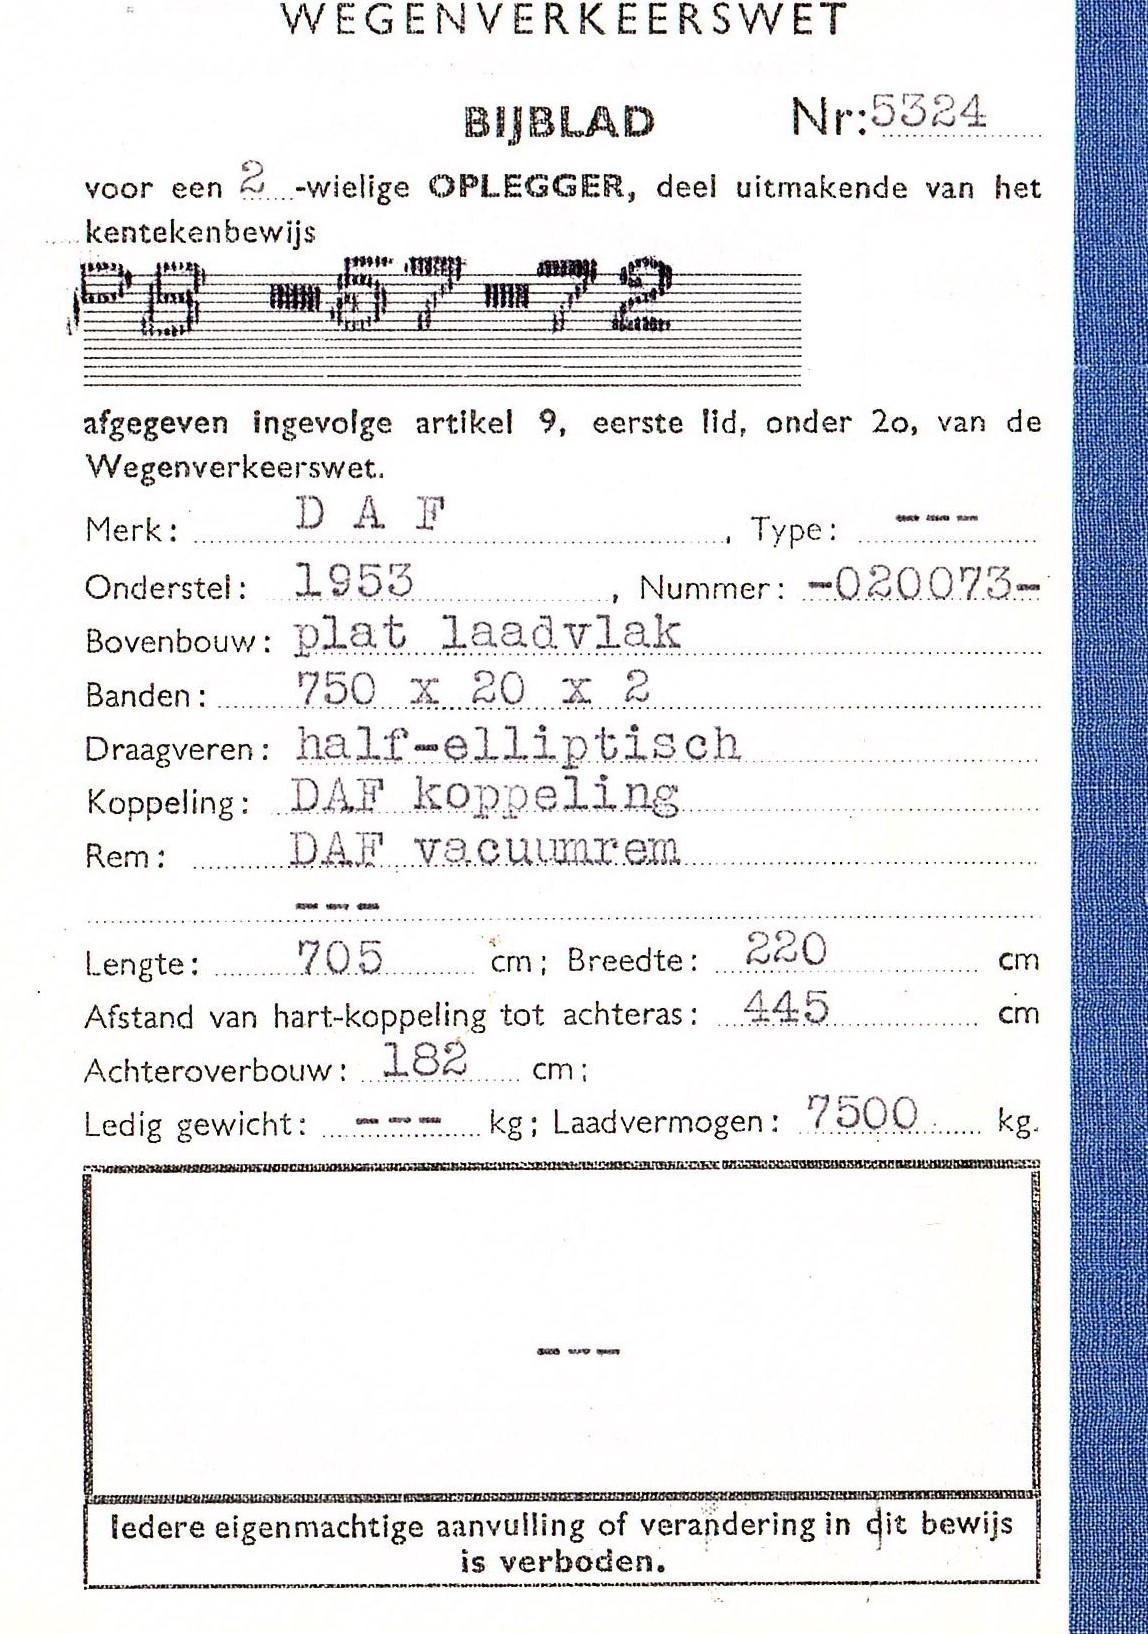 Bude--Meerssen-3